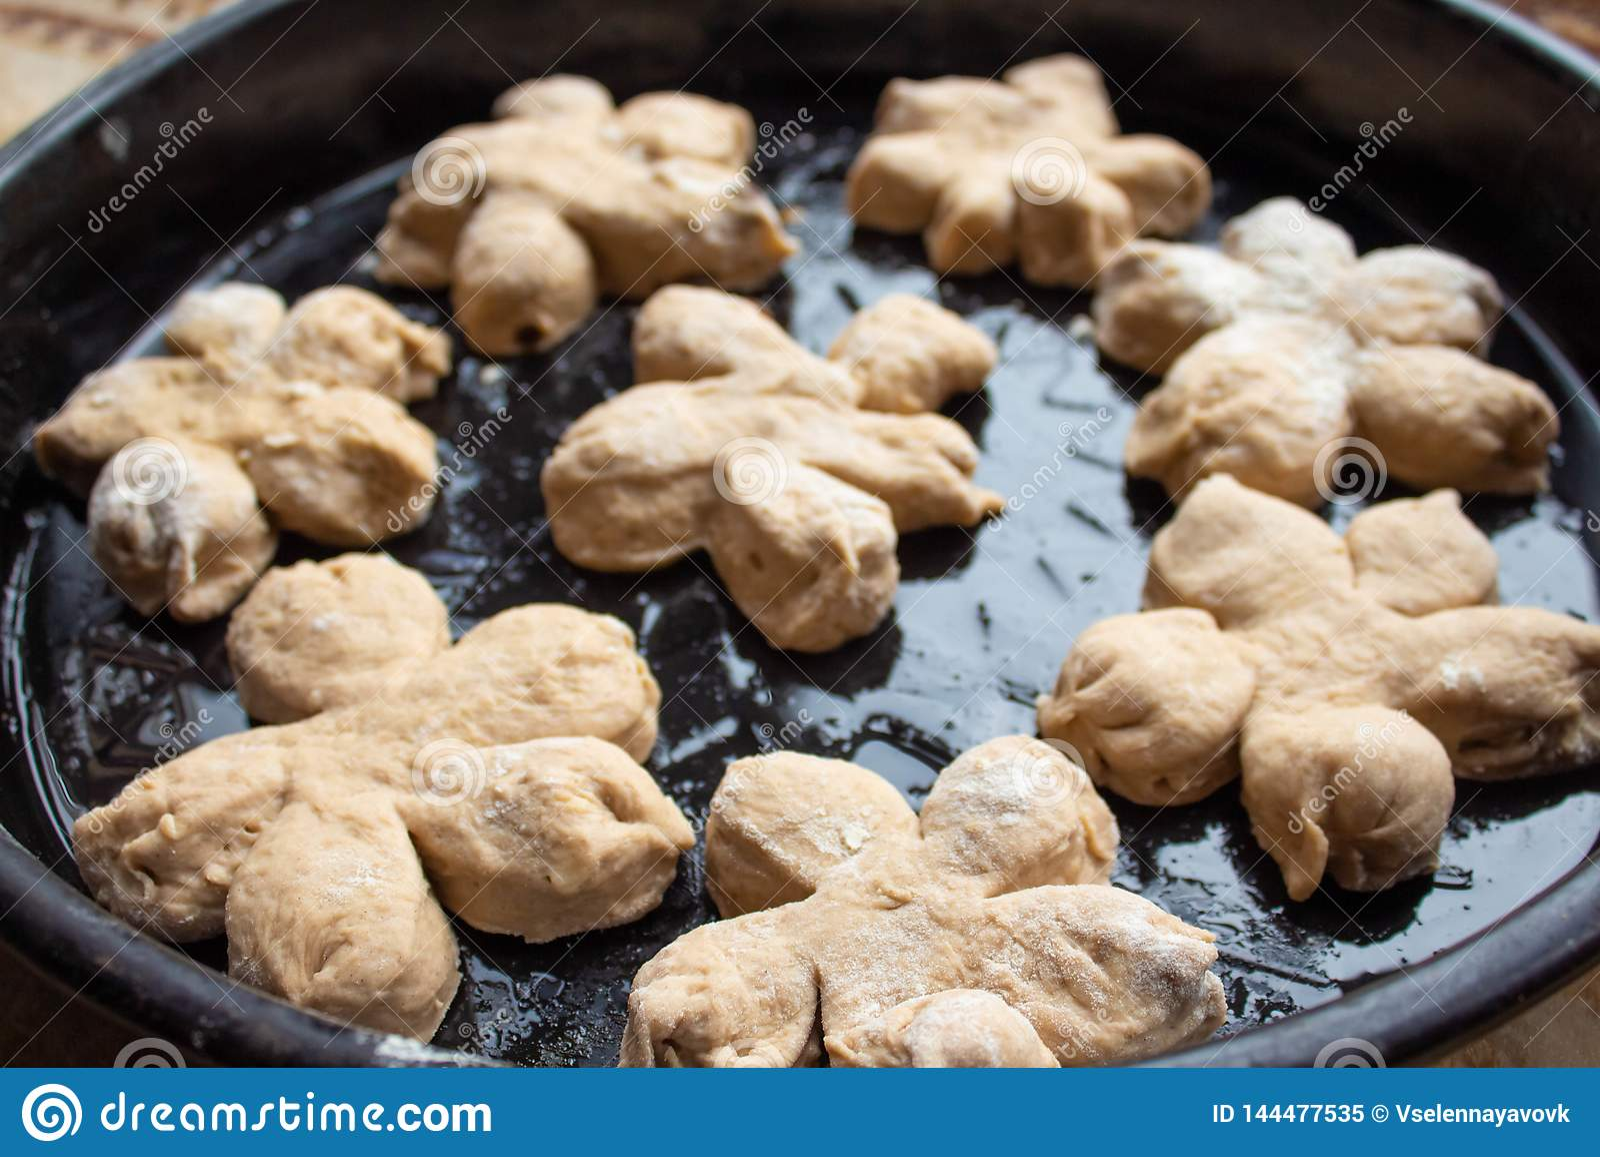 De eigengemaakte smakelijke broodjes met noot bestrooien Gebakje met eigengemaakte gebakjes Bakkende eigengemaakte koekjes en muf